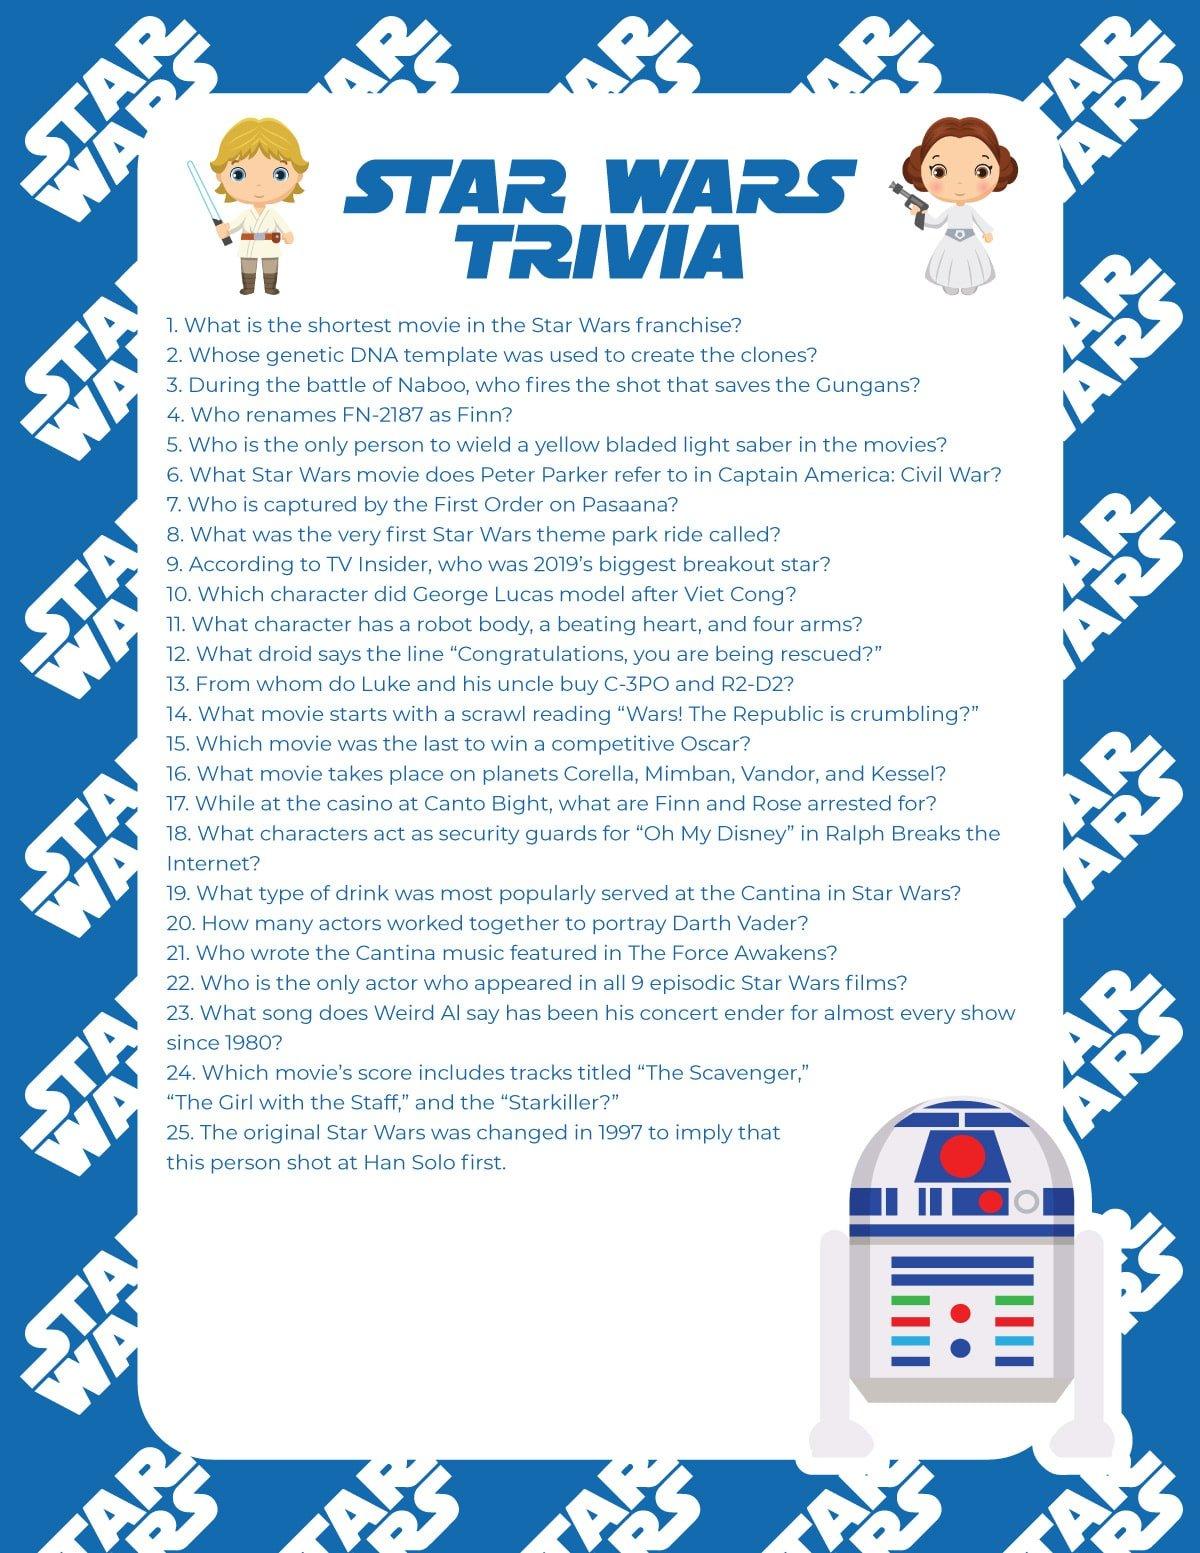 Star Wars trivia quiz with blue background